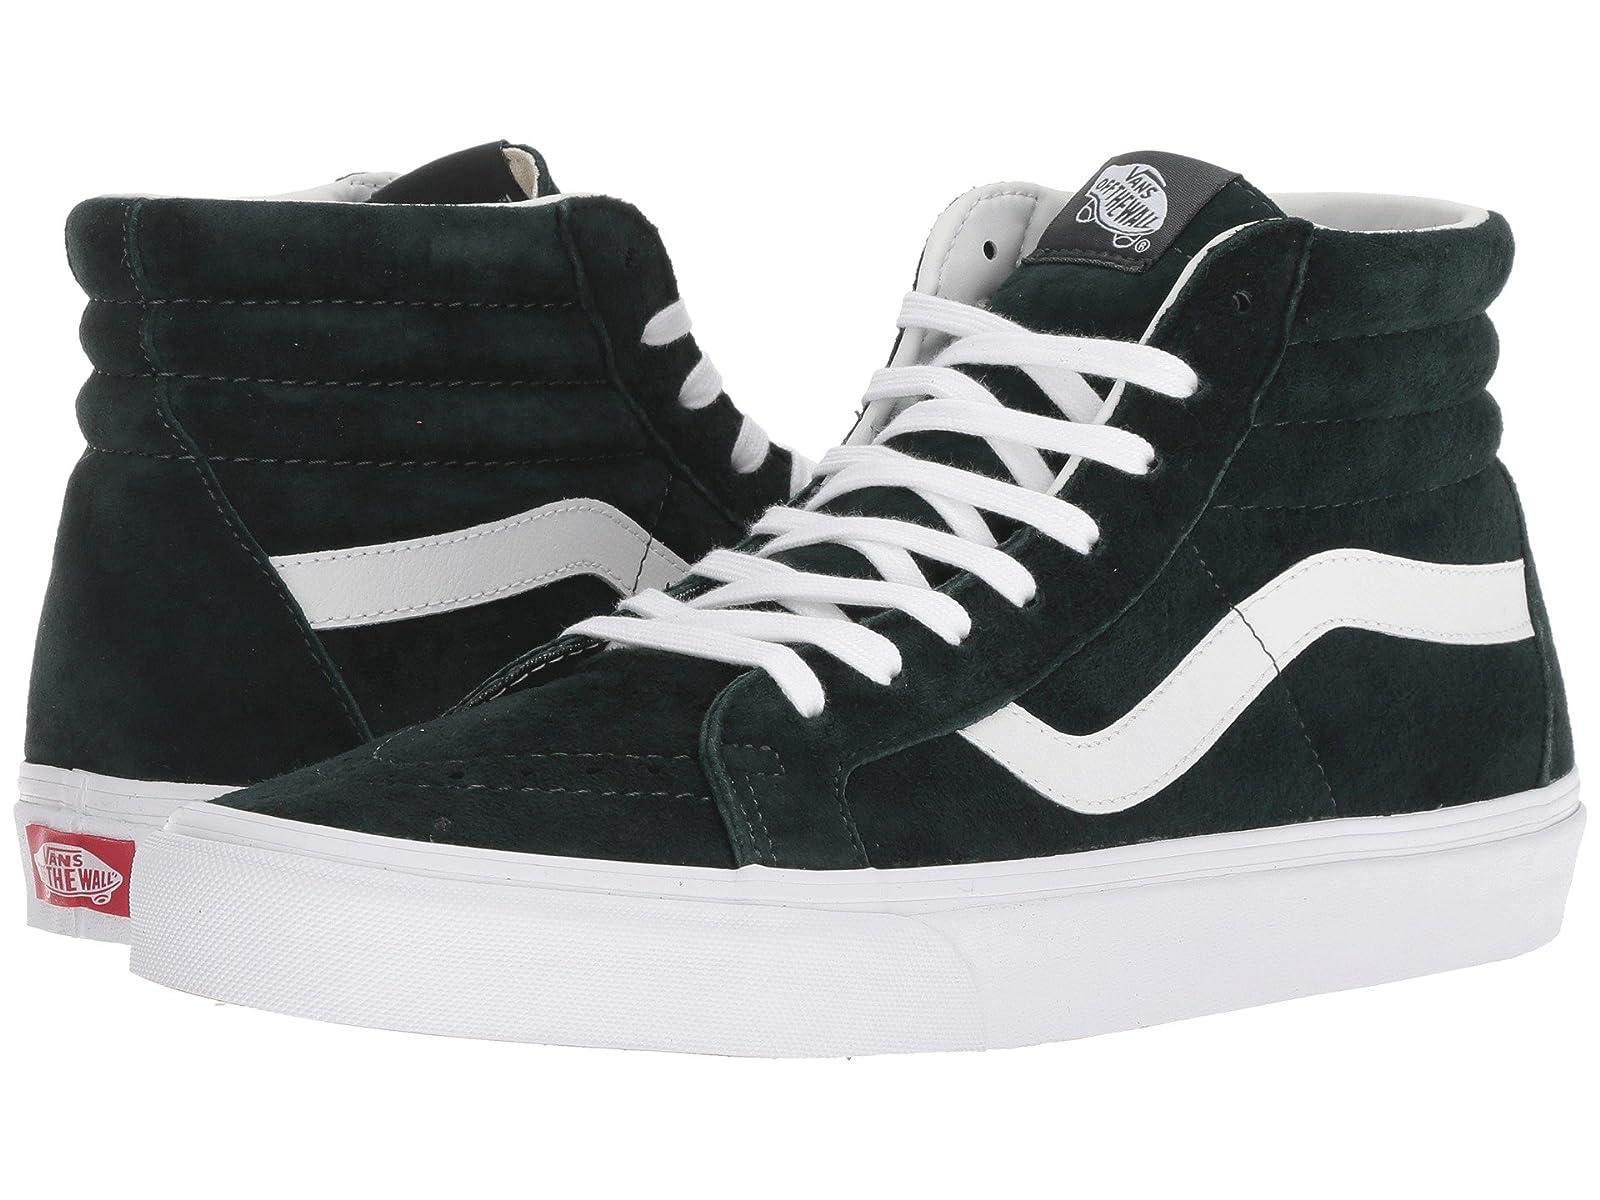 Vans SK8-Hi ReissueAtmospheric grades have affordable shoes